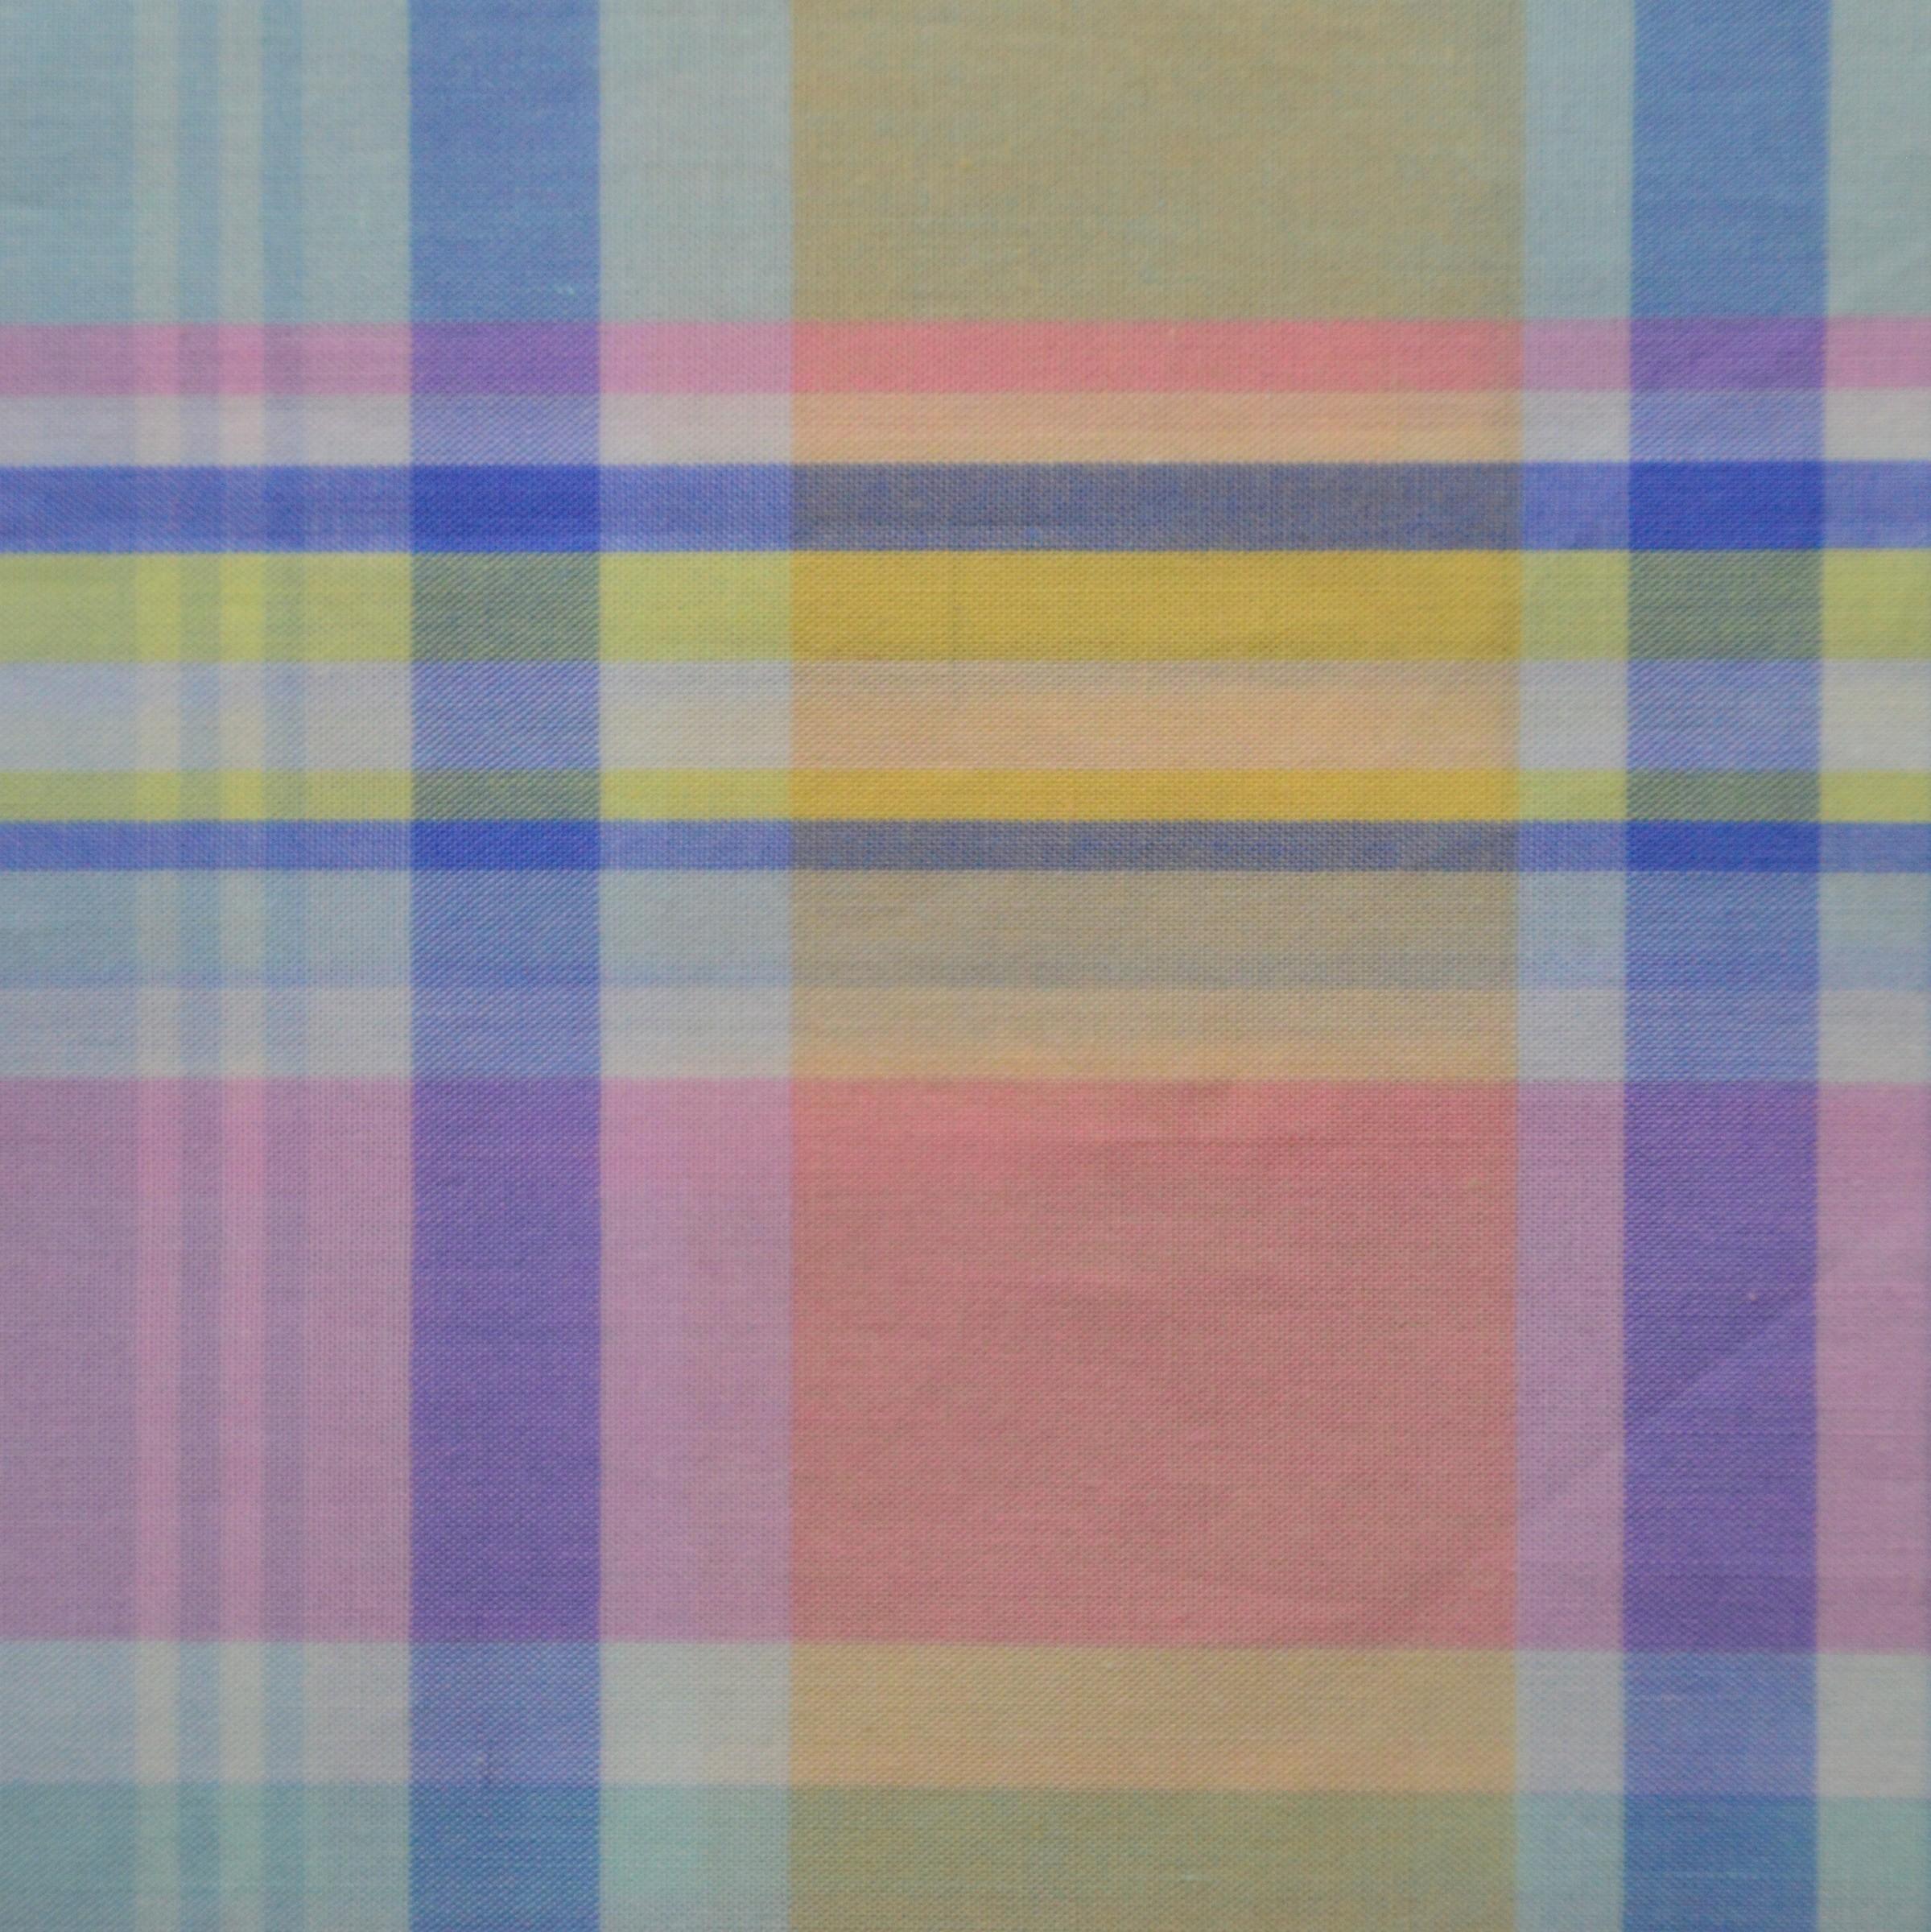 109 cuadros rosa amarillo